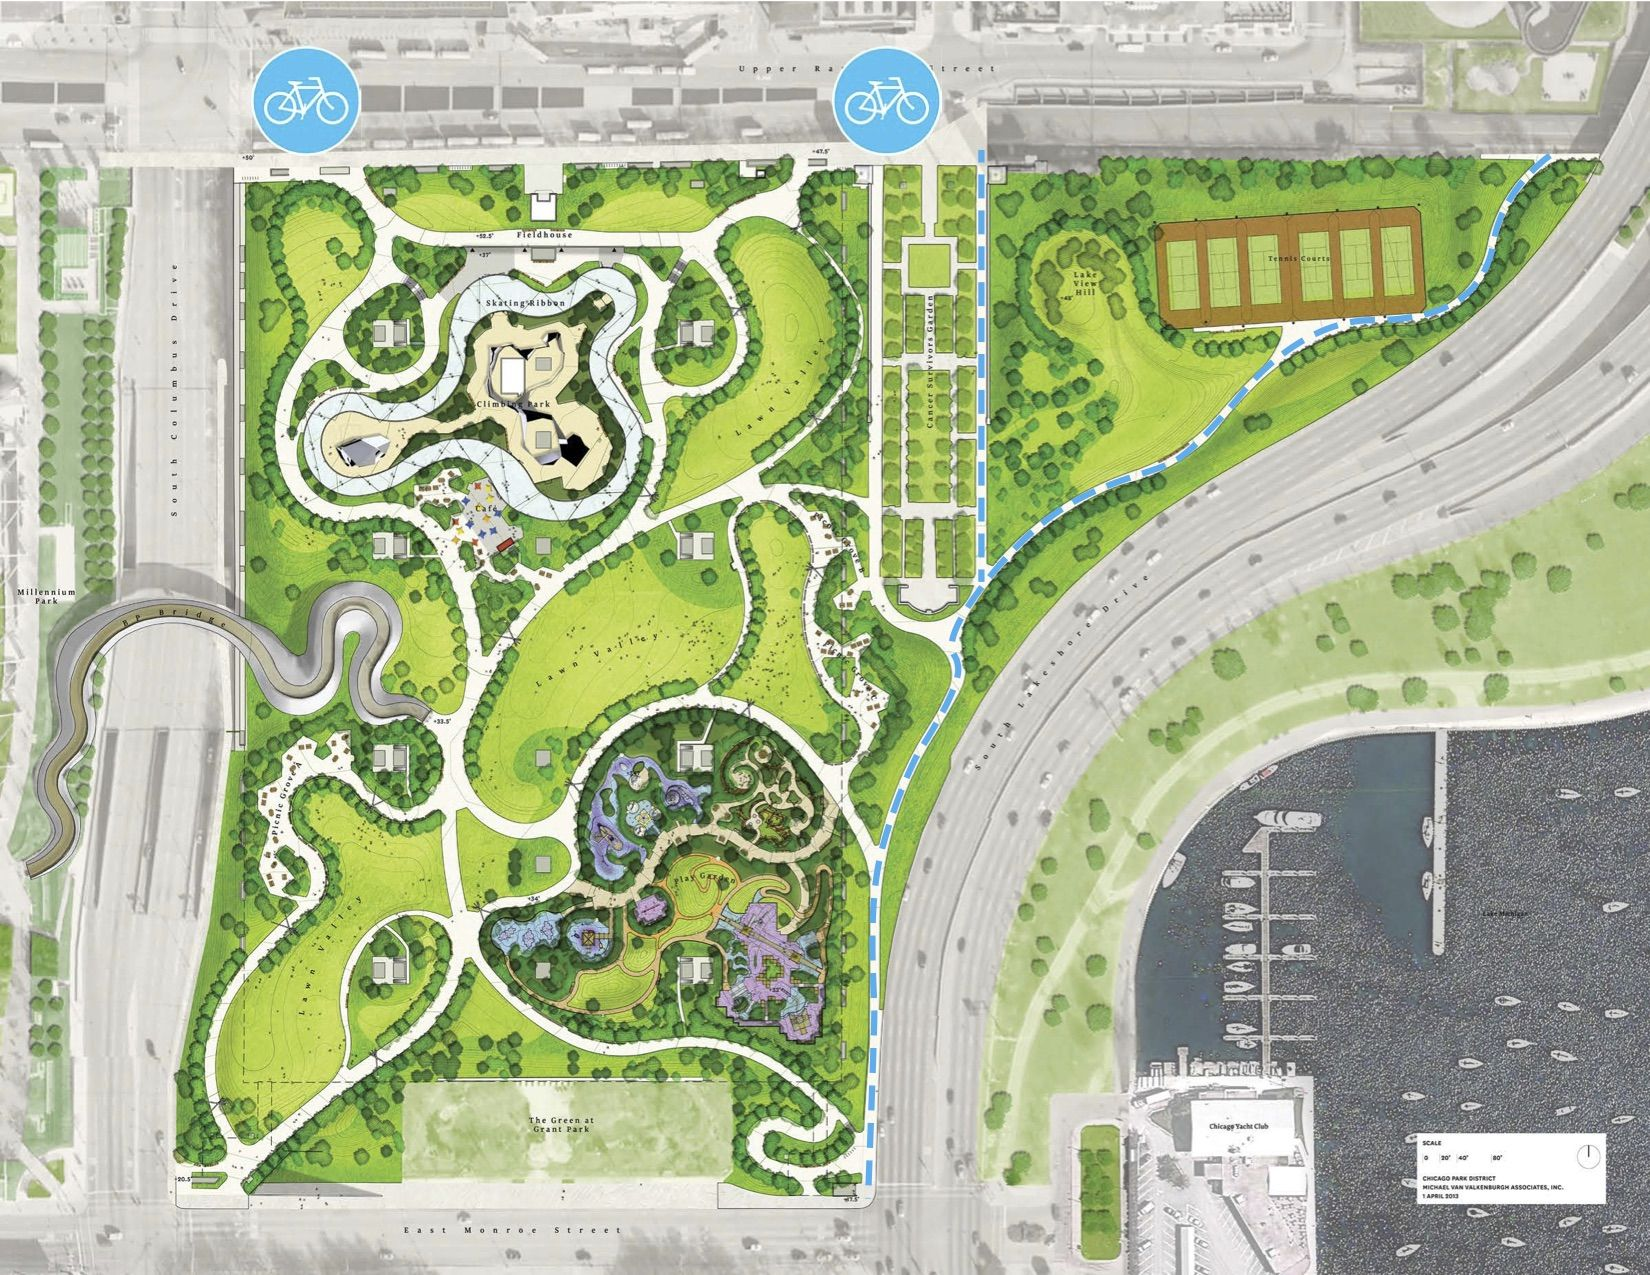 Location Parking Parking Design Landscape Plans Landscape Design Plans